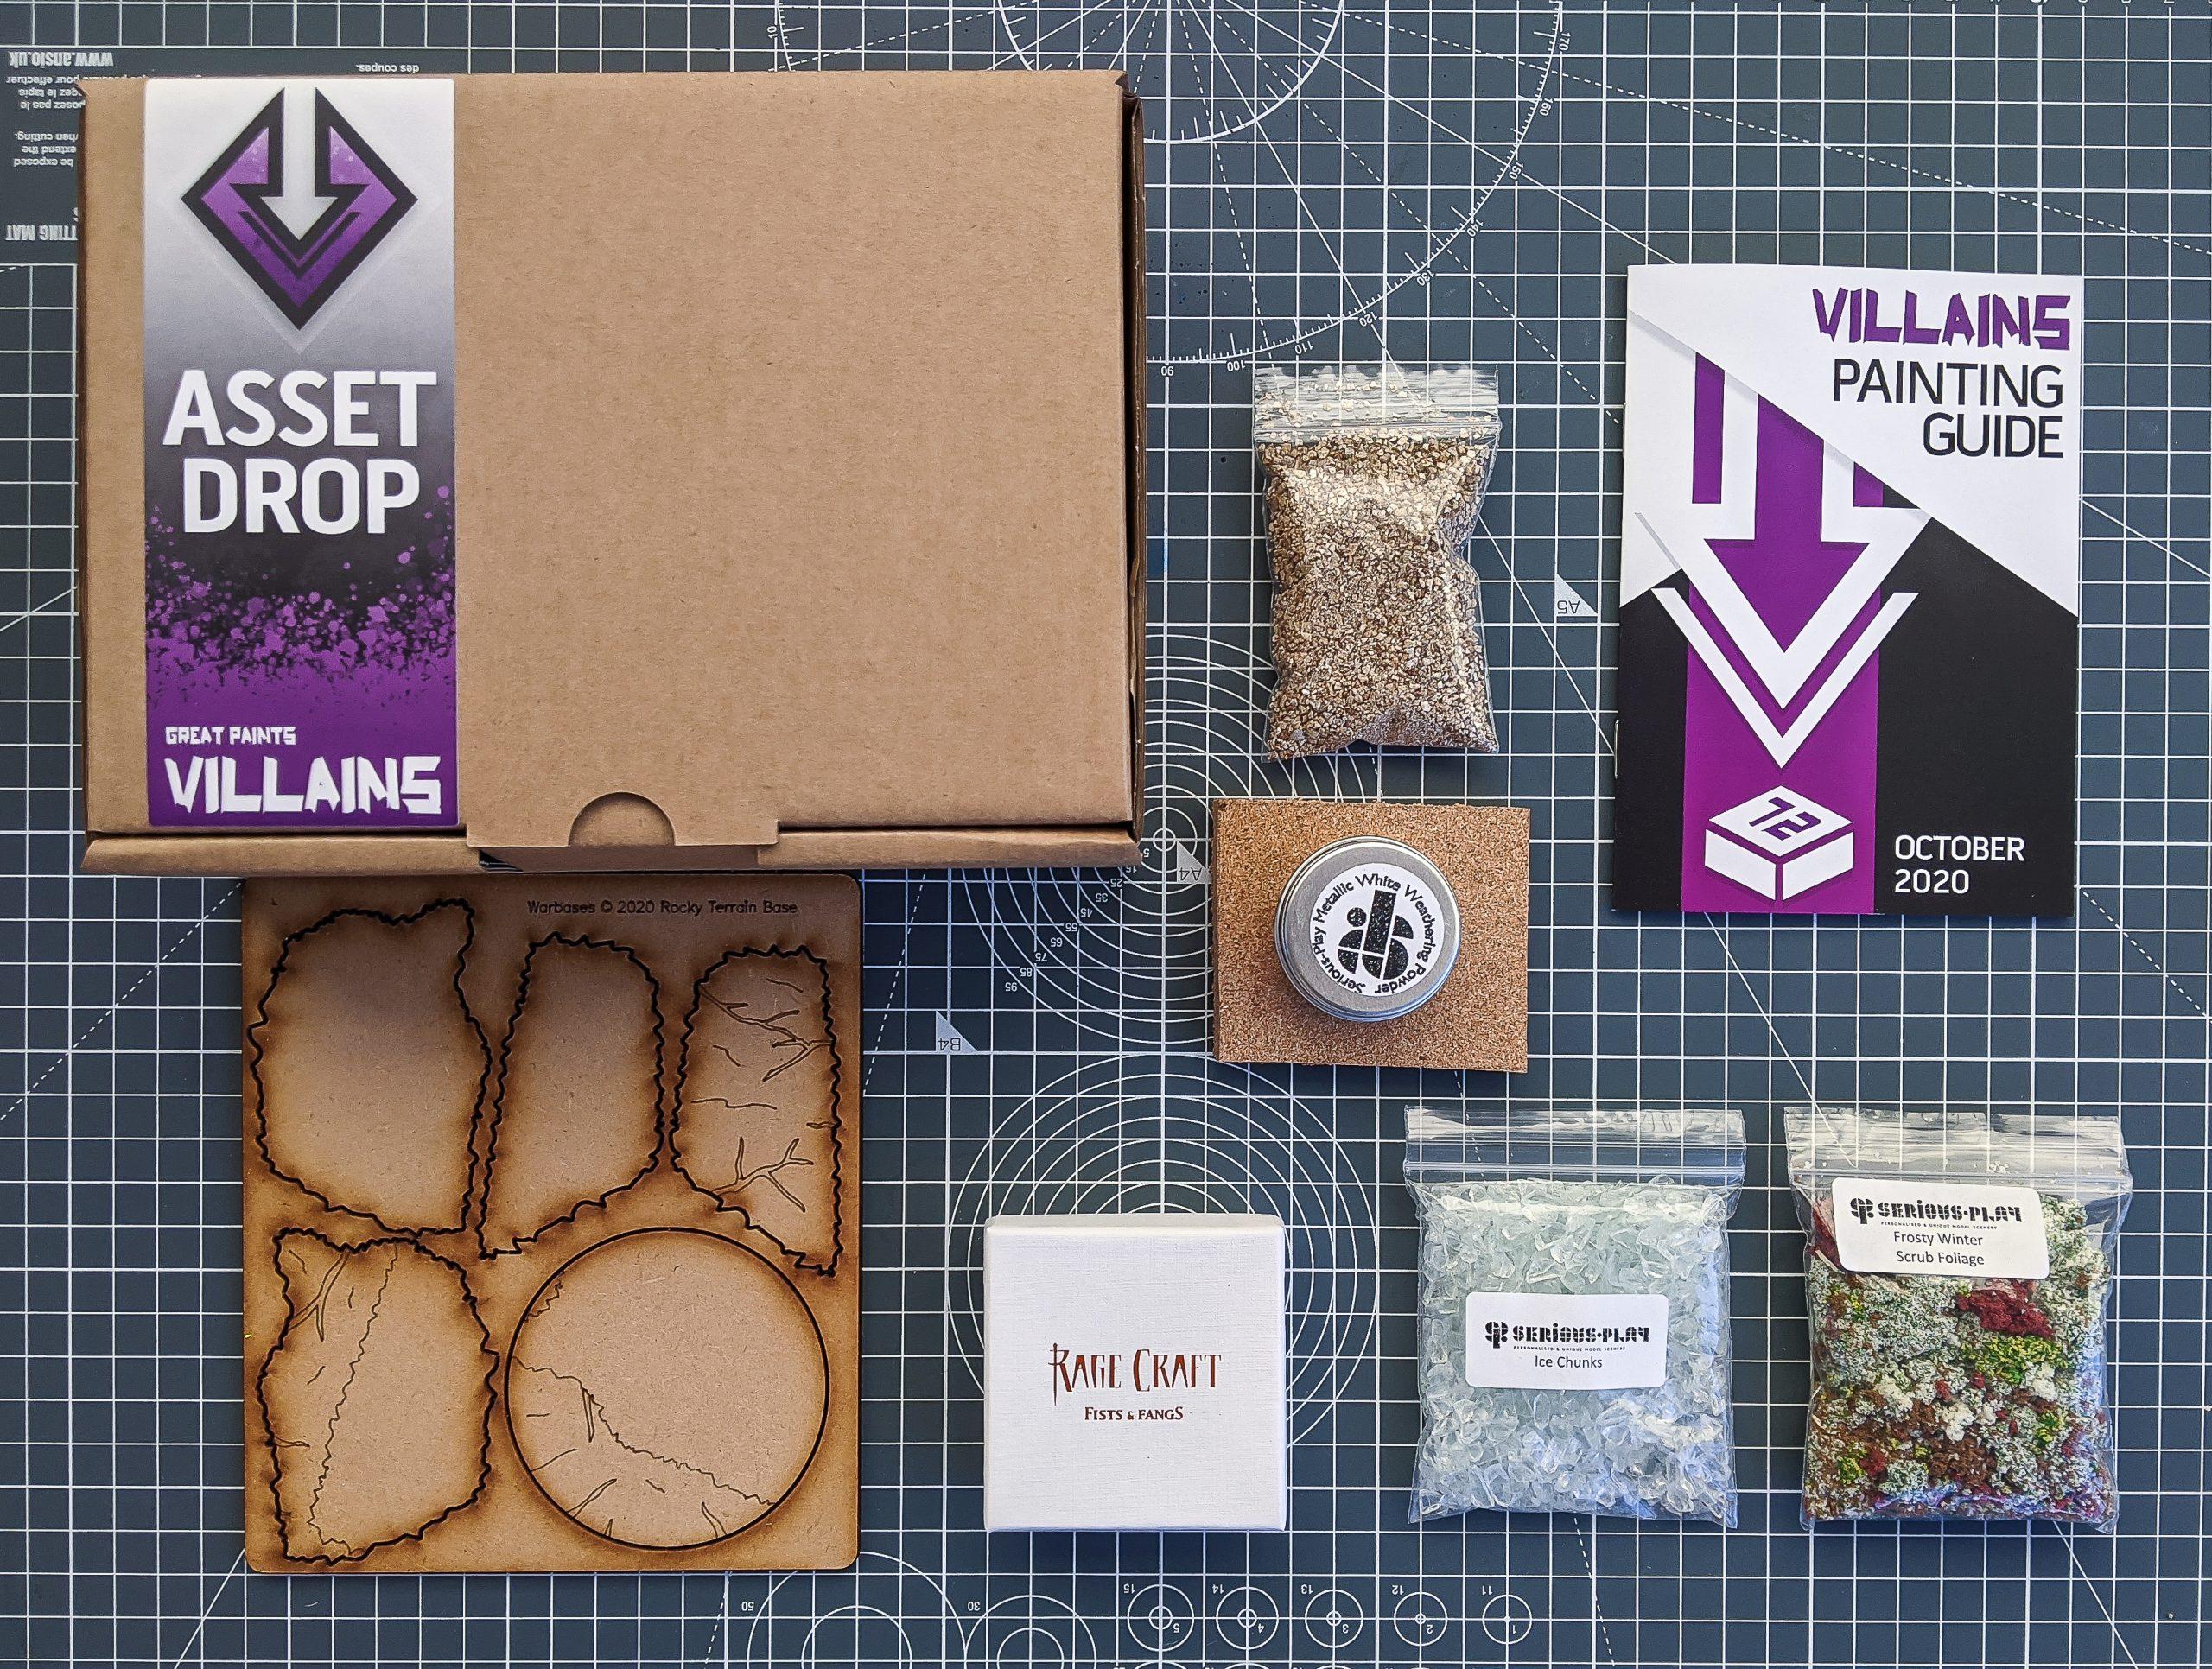 Asset Drop villains box oct